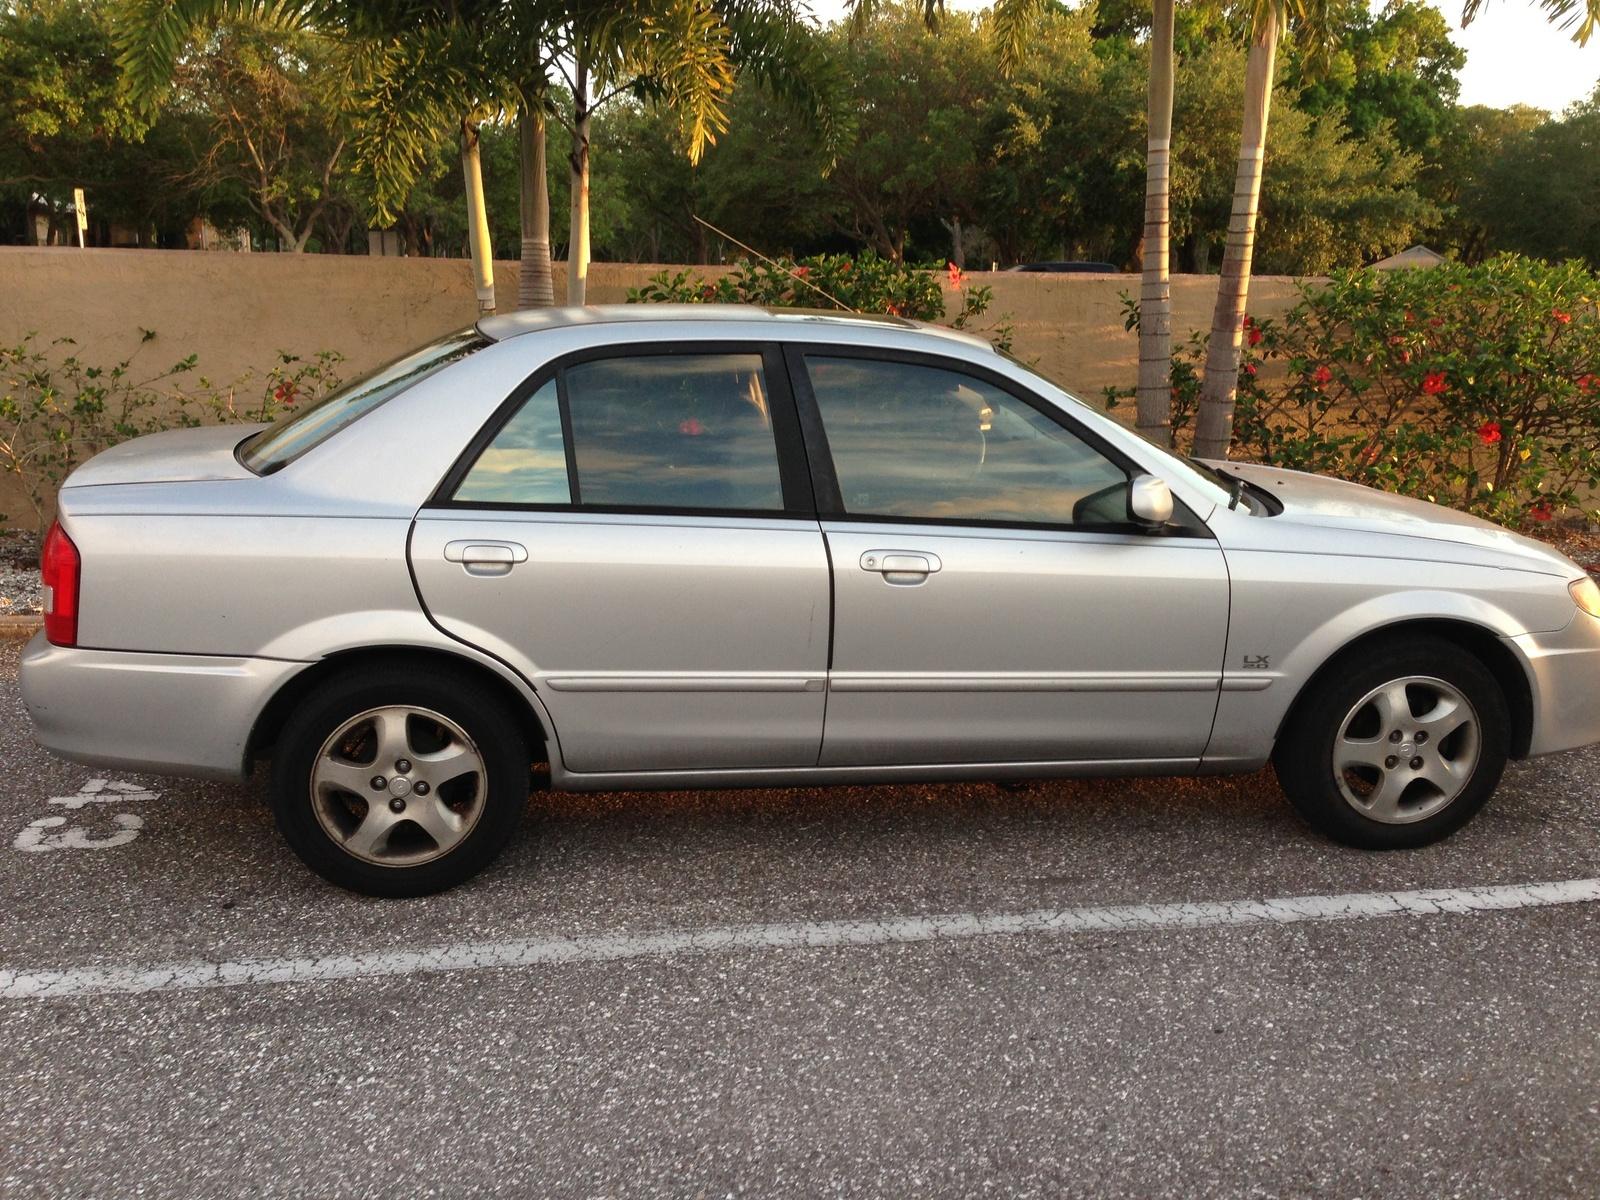 2001 Mazda Protege Pictures Cargurus